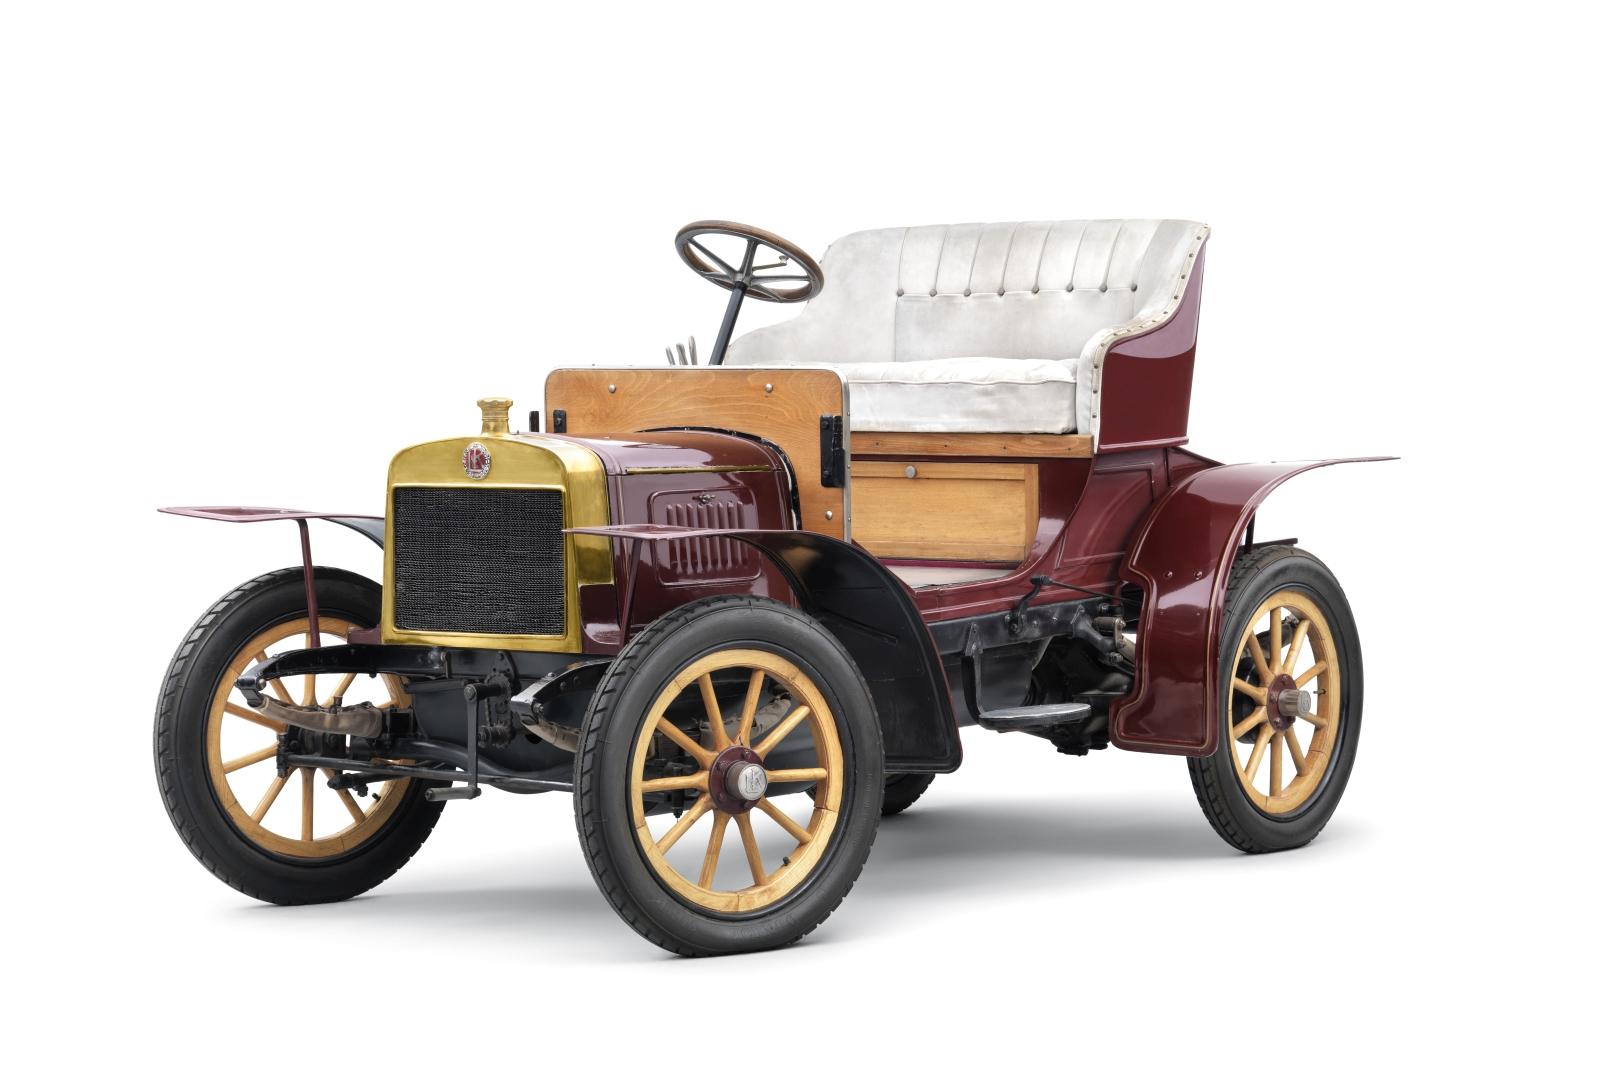 1906-lk-voiturette-typ-a